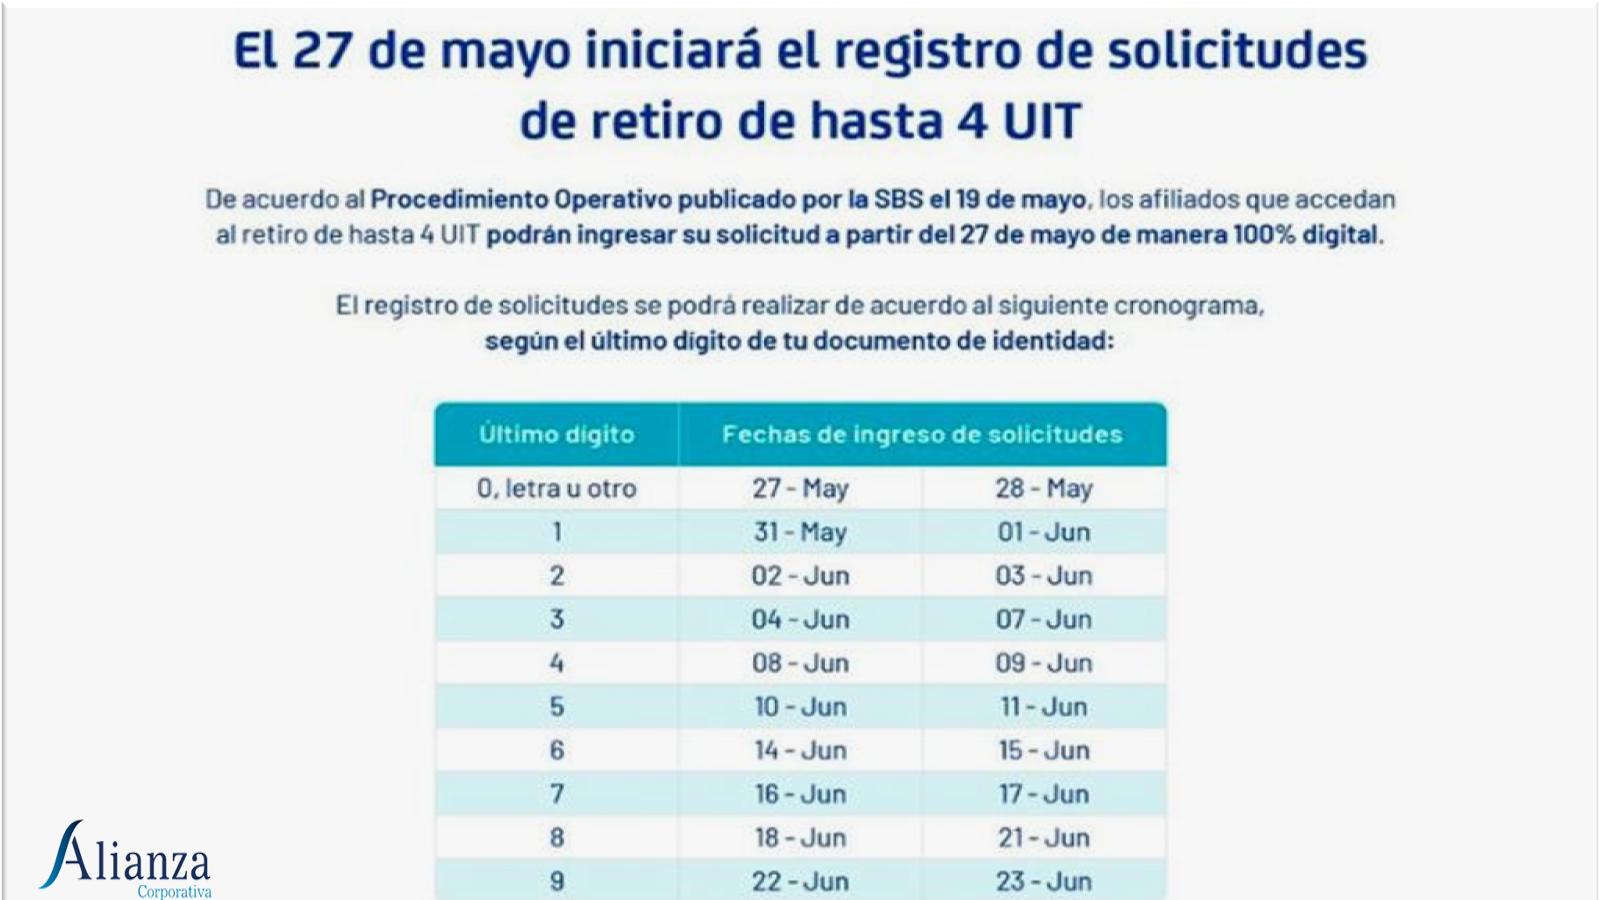 AFP: DESDE HOY SE PODRÁ SOLICITAR RETIRO DE HASTA S/ 17,600 Y ESTE ES EL CRONOGRAMA DE ATENCIÓN